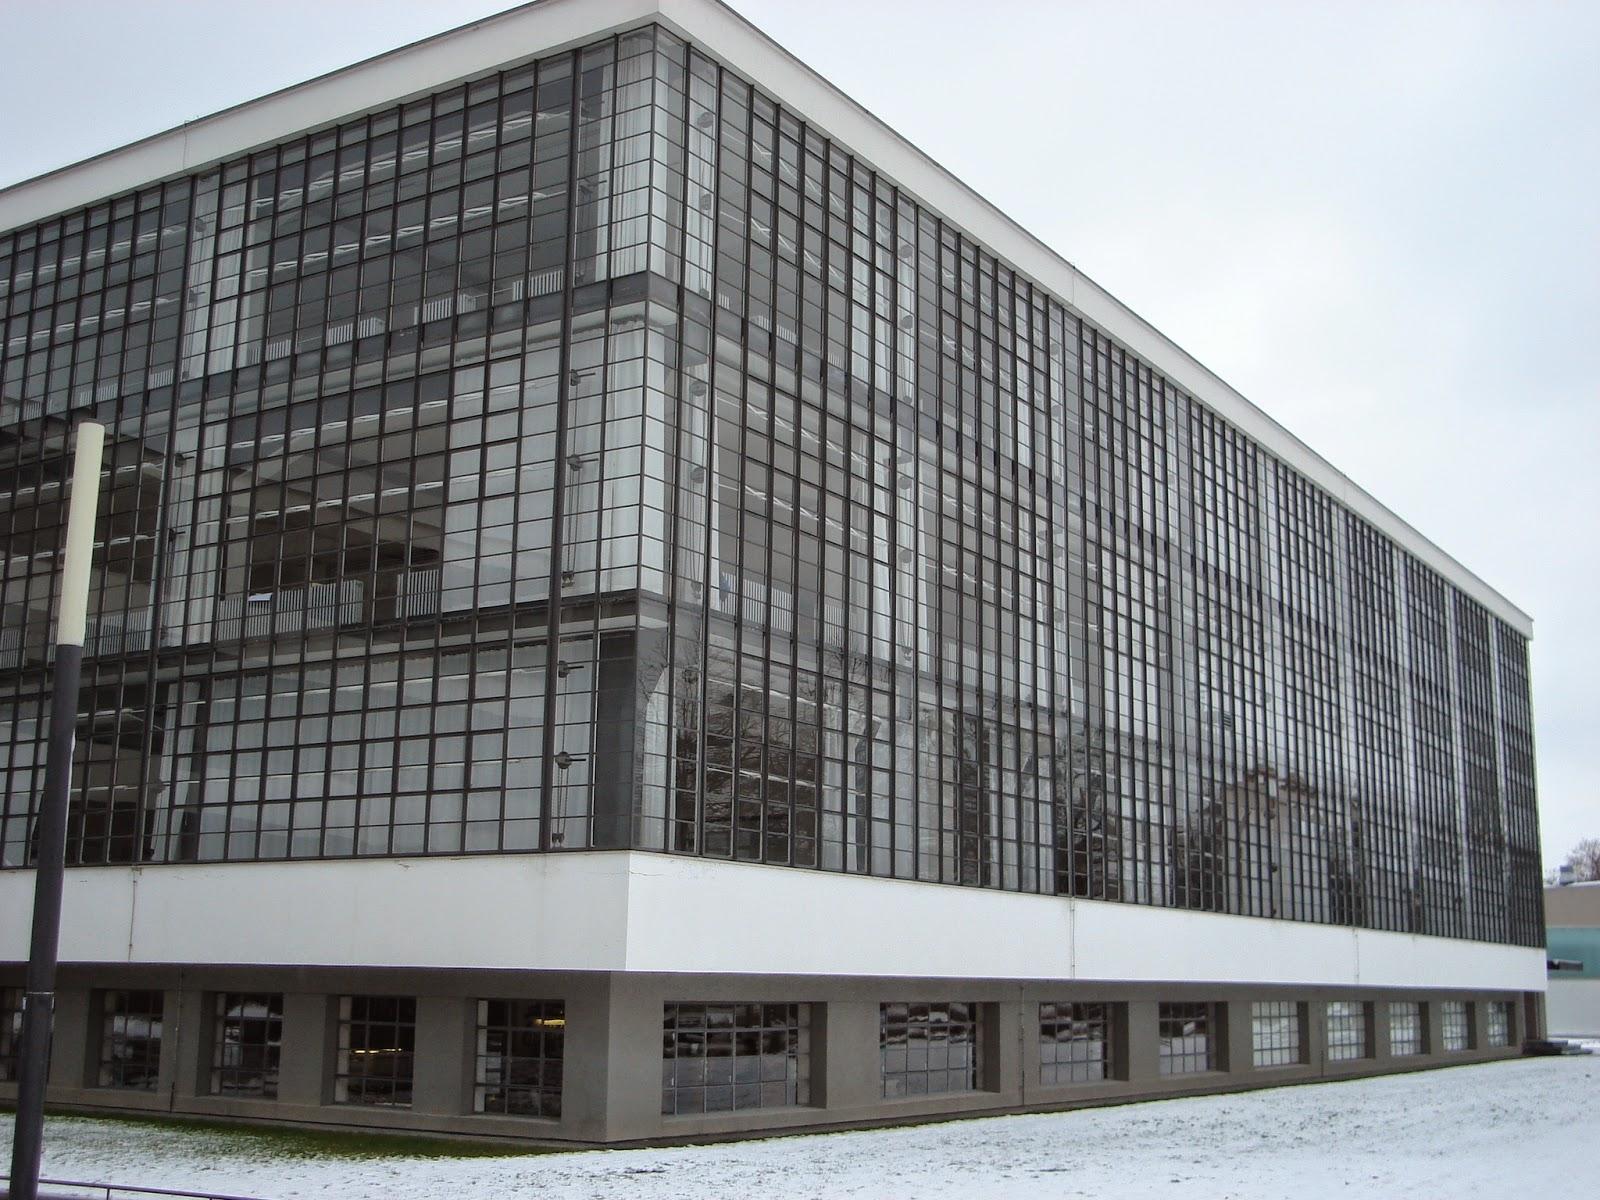 Bauhaus Oranienburg bauhaus oranienburg sonntag bauhaus alter holzstuhl sthle